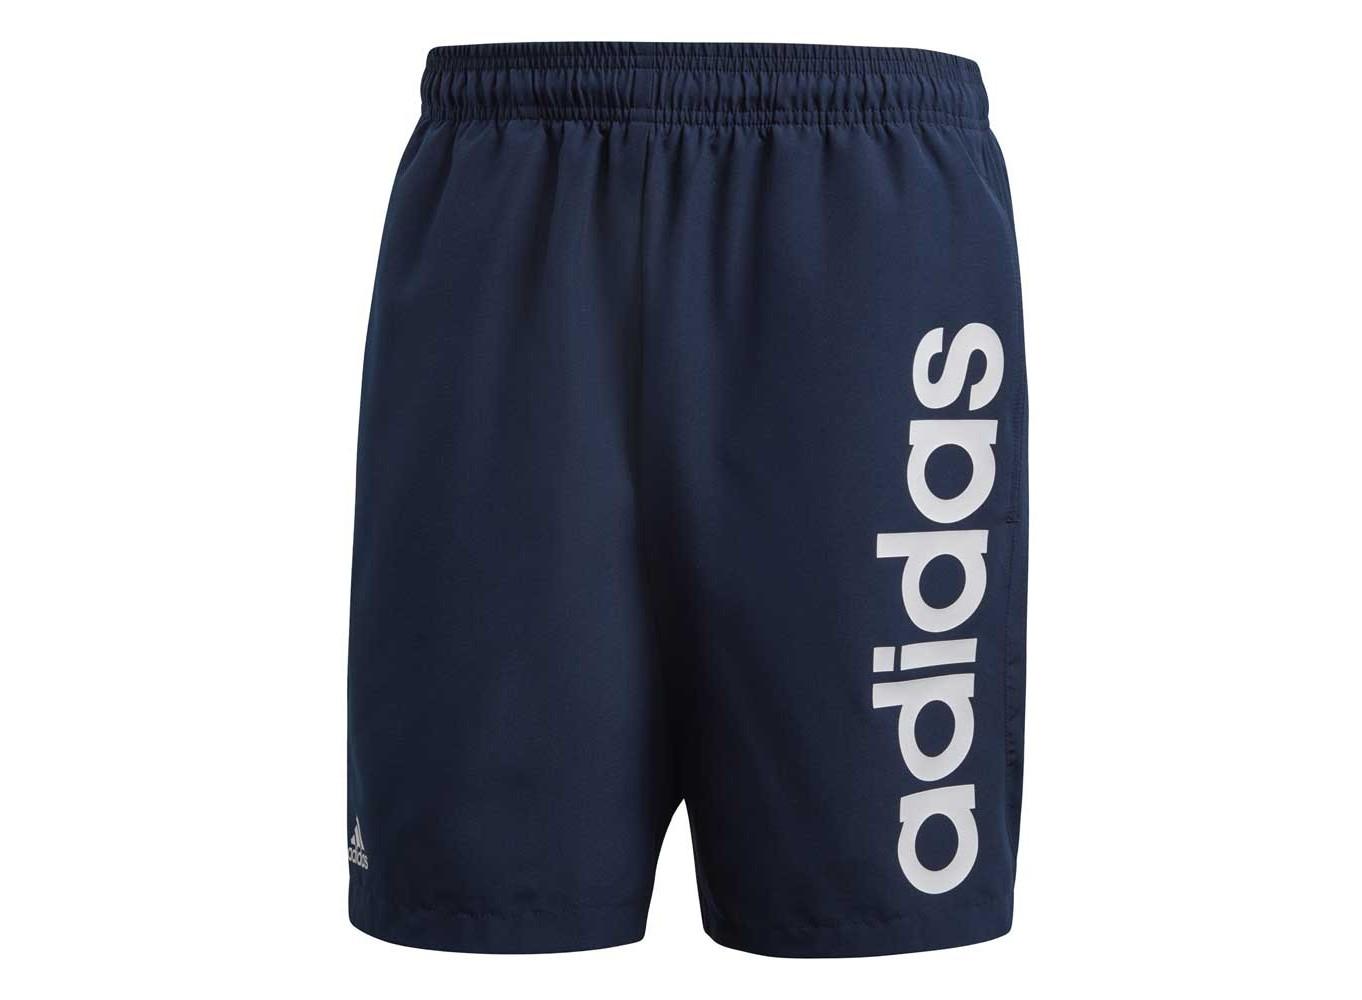 Pantalones Cortos De Adidas 64 Descuento Bosca Ec